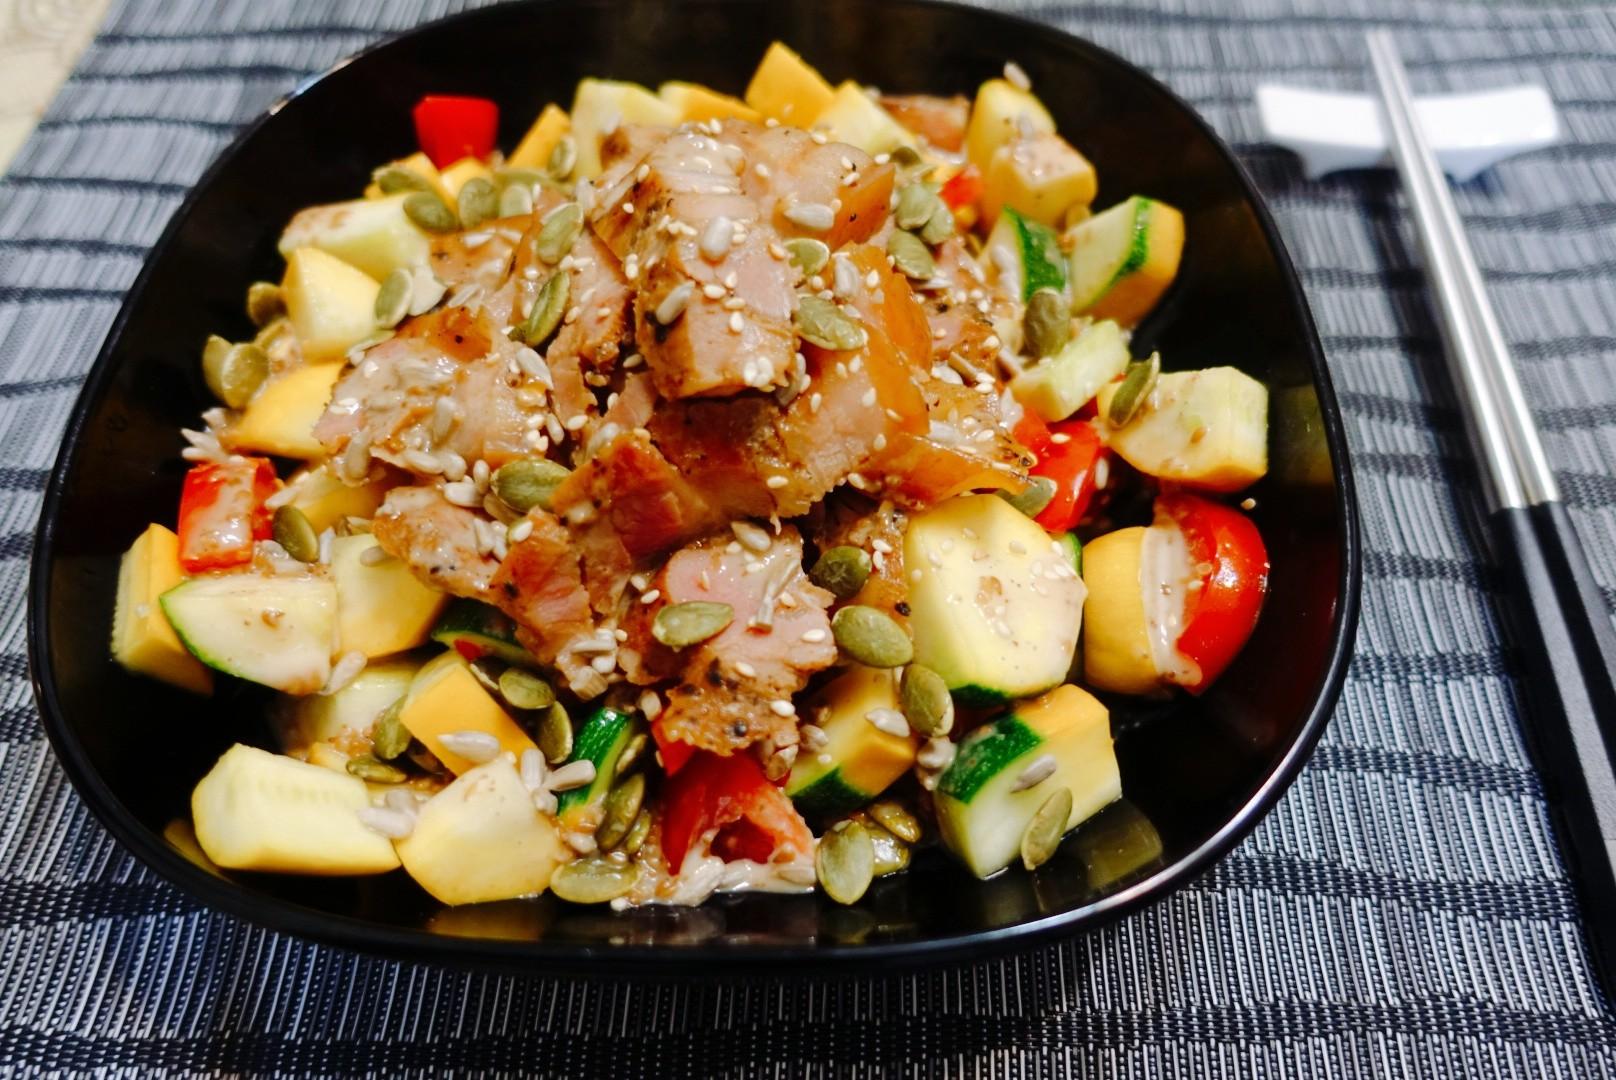 【食譜】馬告鹹豬肉櫛瓜沙拉佐胡麻醬|十分鐘就完成的超簡易料理